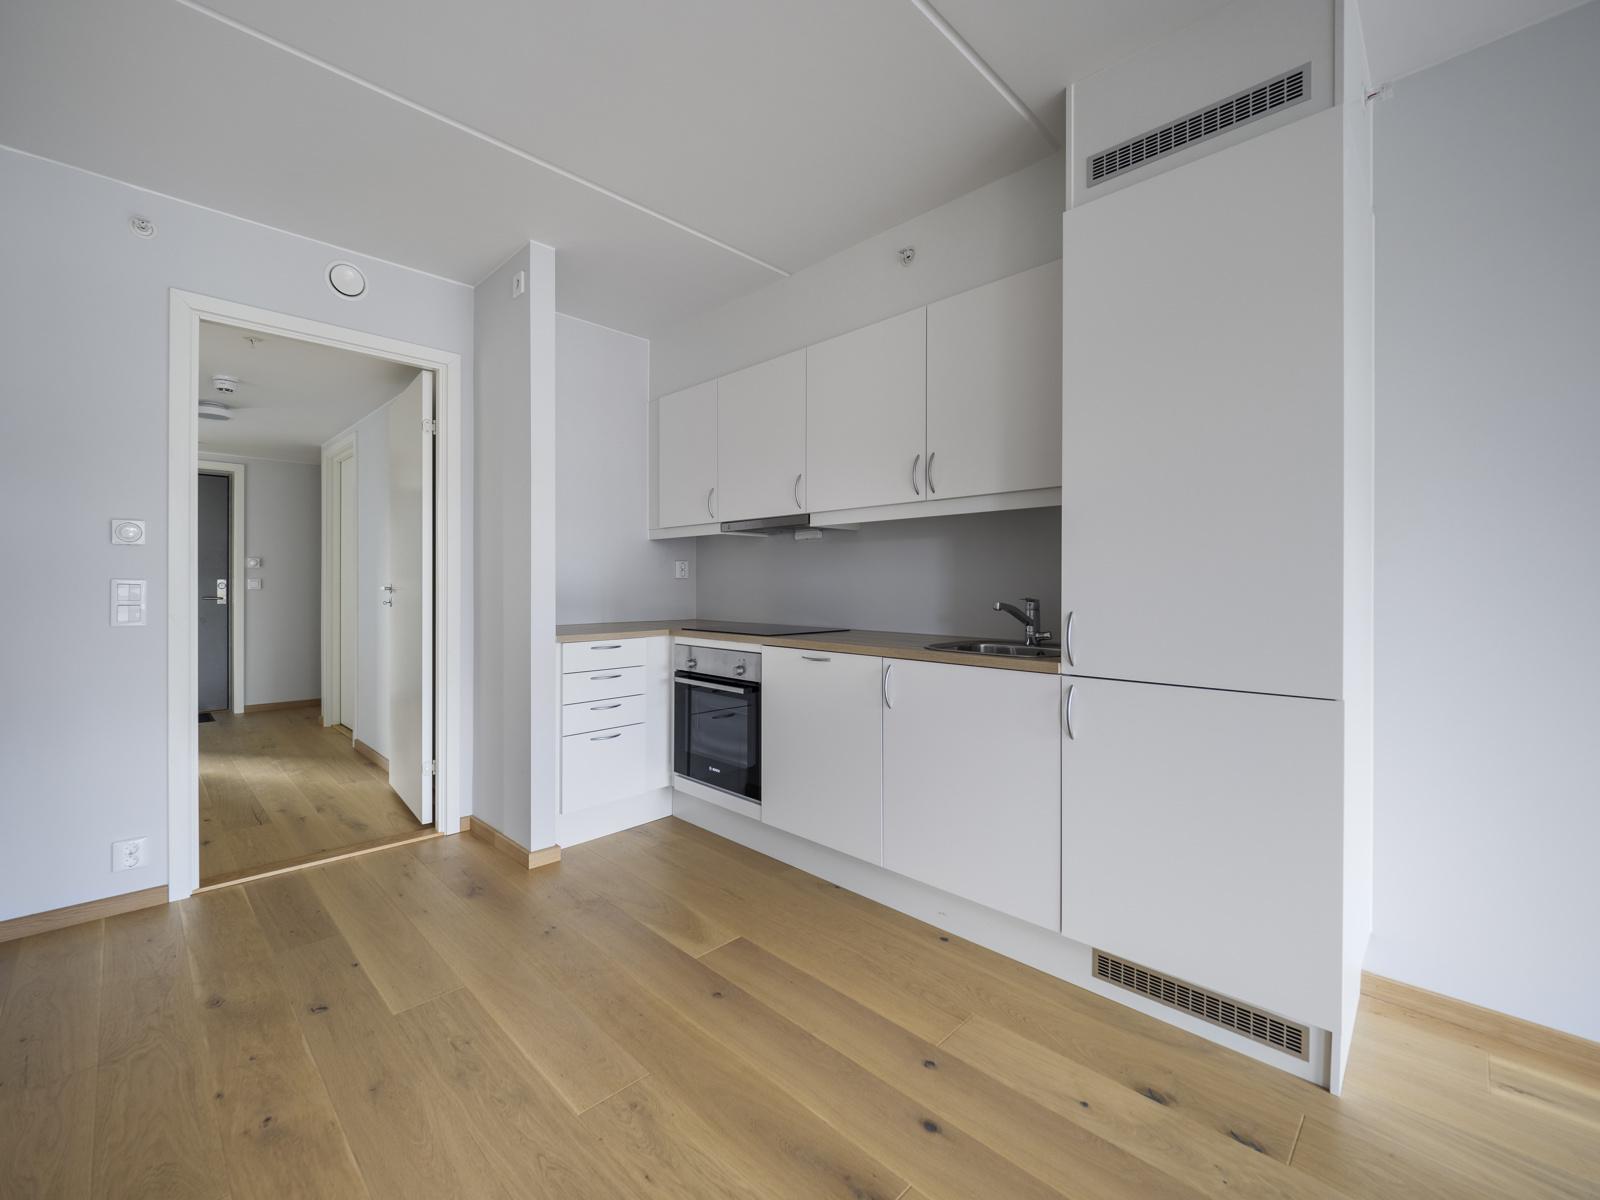 Kjøkken med hvite fronter og integrerte hvitevarer som platetopp, stekeovn, kjøl/frys og oppvaskmaskin